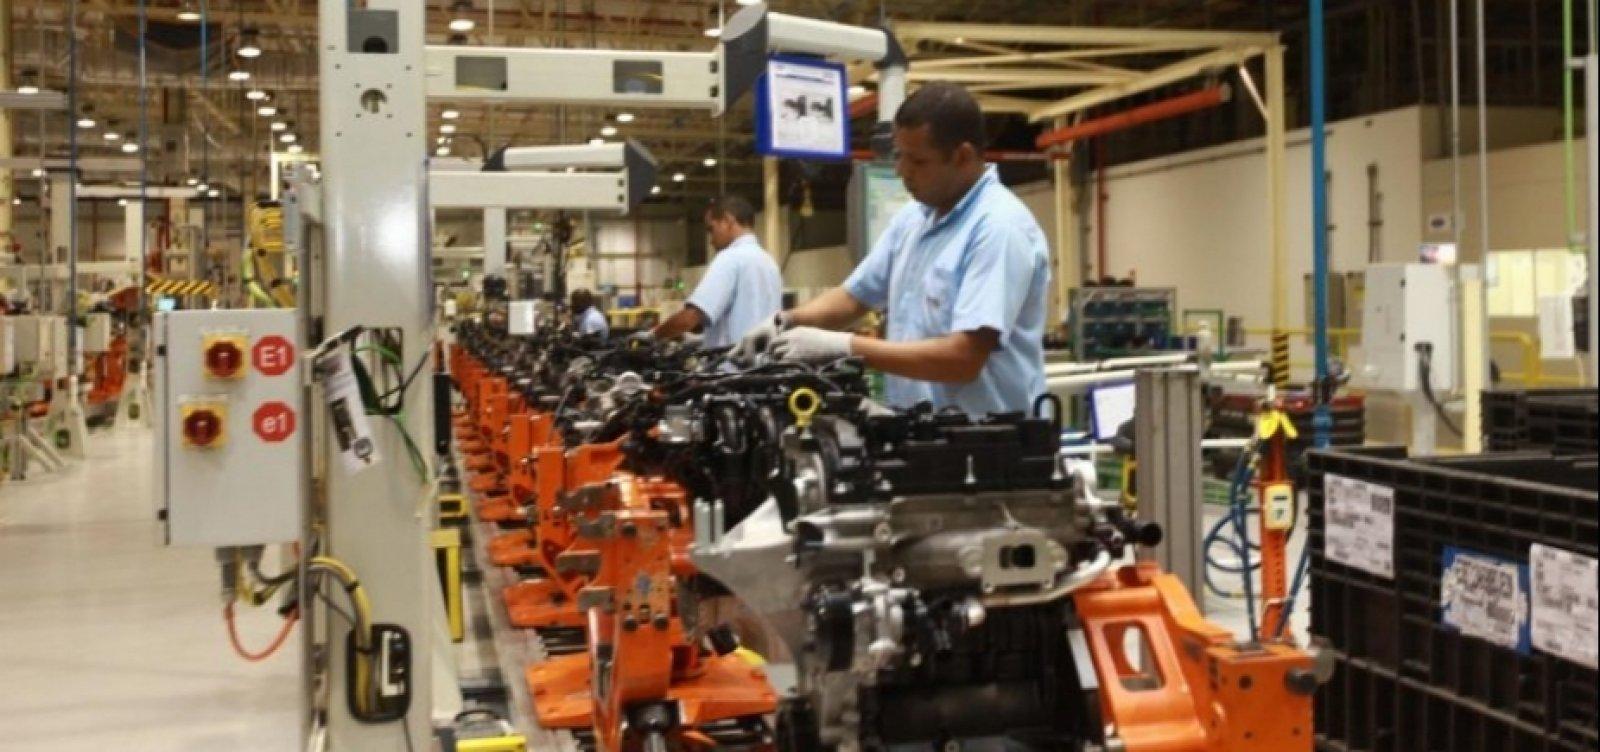 [Fieb estima mais de 30 mil trabalhadores demitidos até o final de 2020]